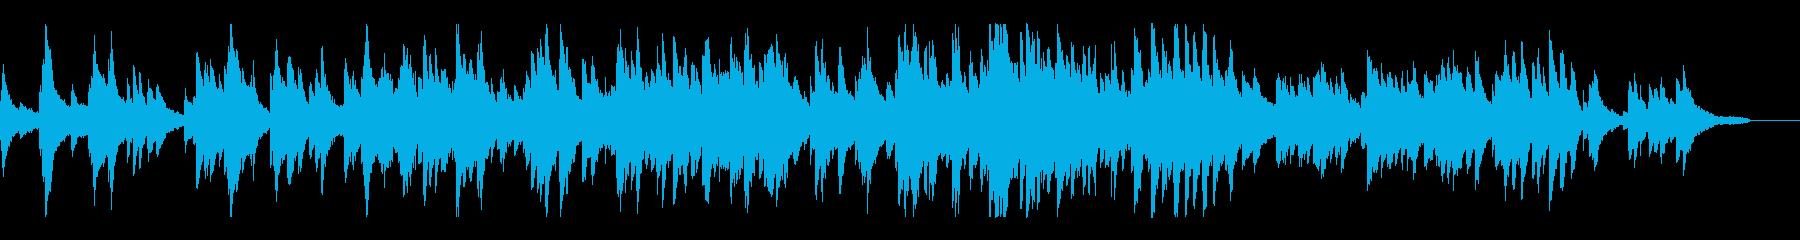 ピアノとストリングスの爽やかなポップスの再生済みの波形